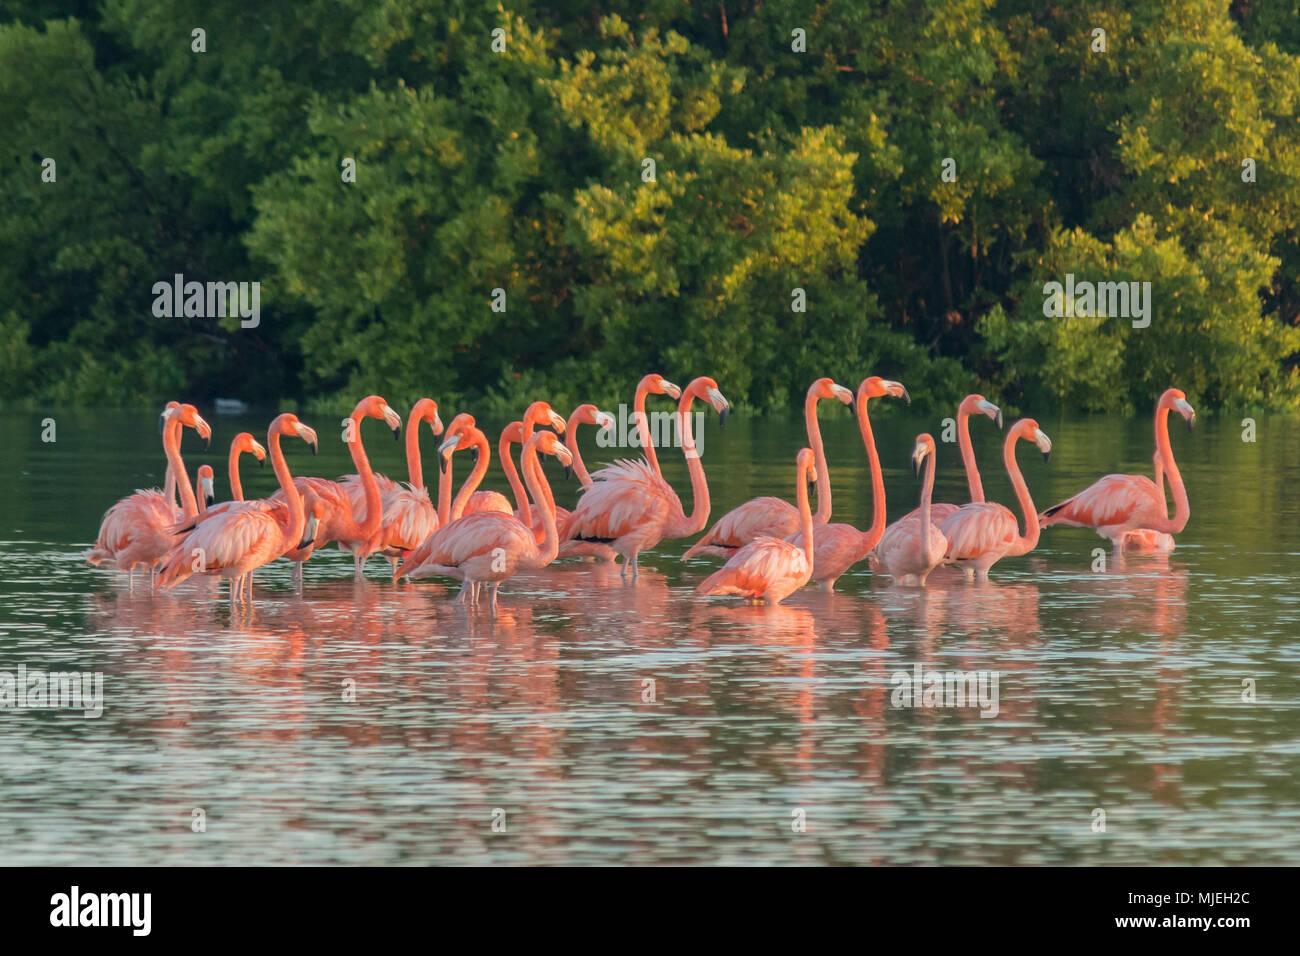 Rosa Flamingos Familie in der Morgendämmerung. Rosa Flamingos sammeln in der Morgendämmerung bevor Sie Ihren Tag in den Fluss zu starten Stockbild